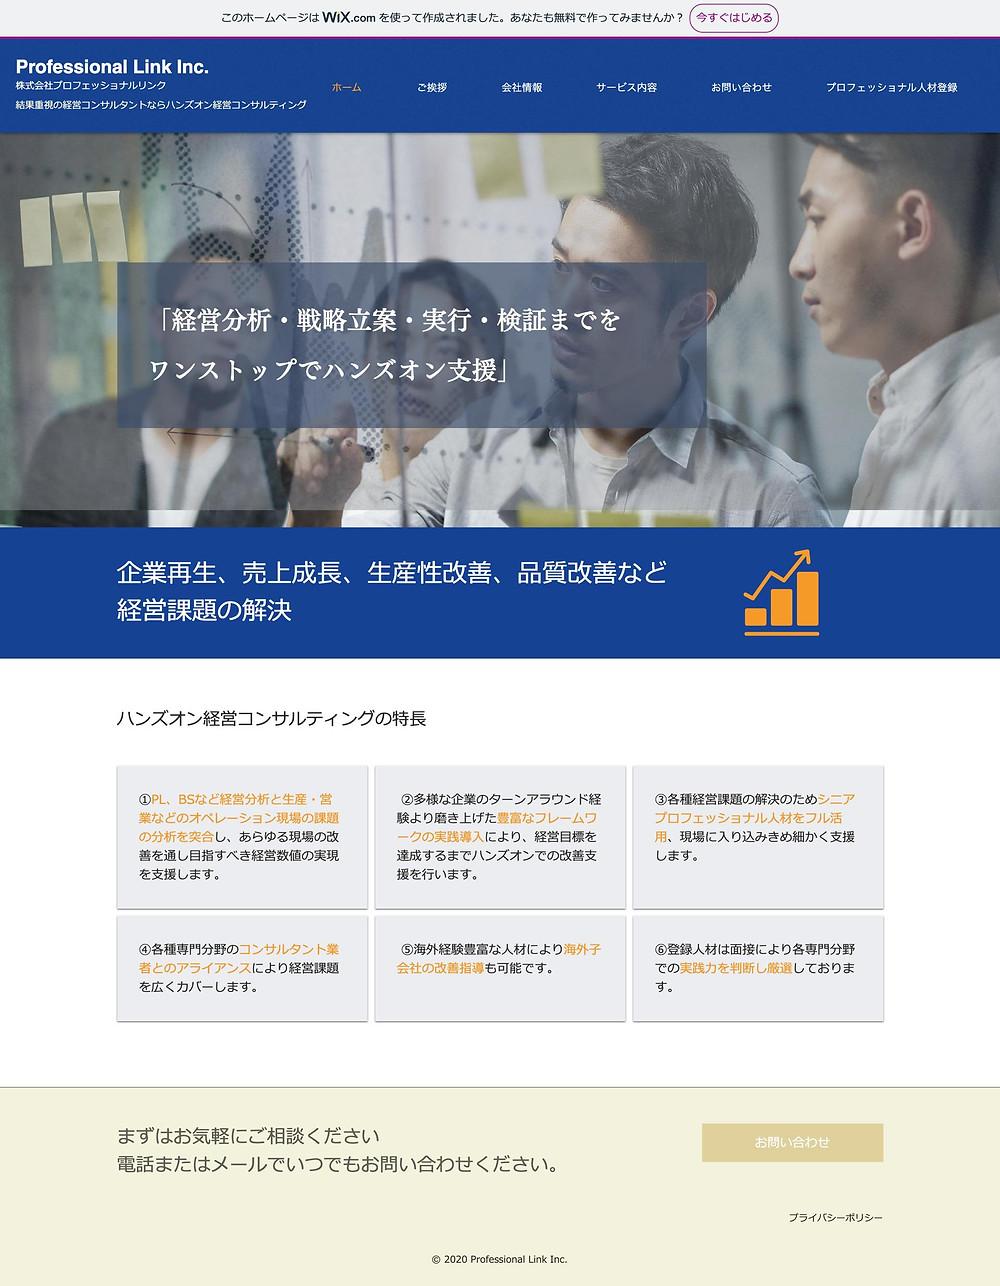 ハンズオン経営コンサルティング 株式会社プロフェッショナルリンク様ホームページ